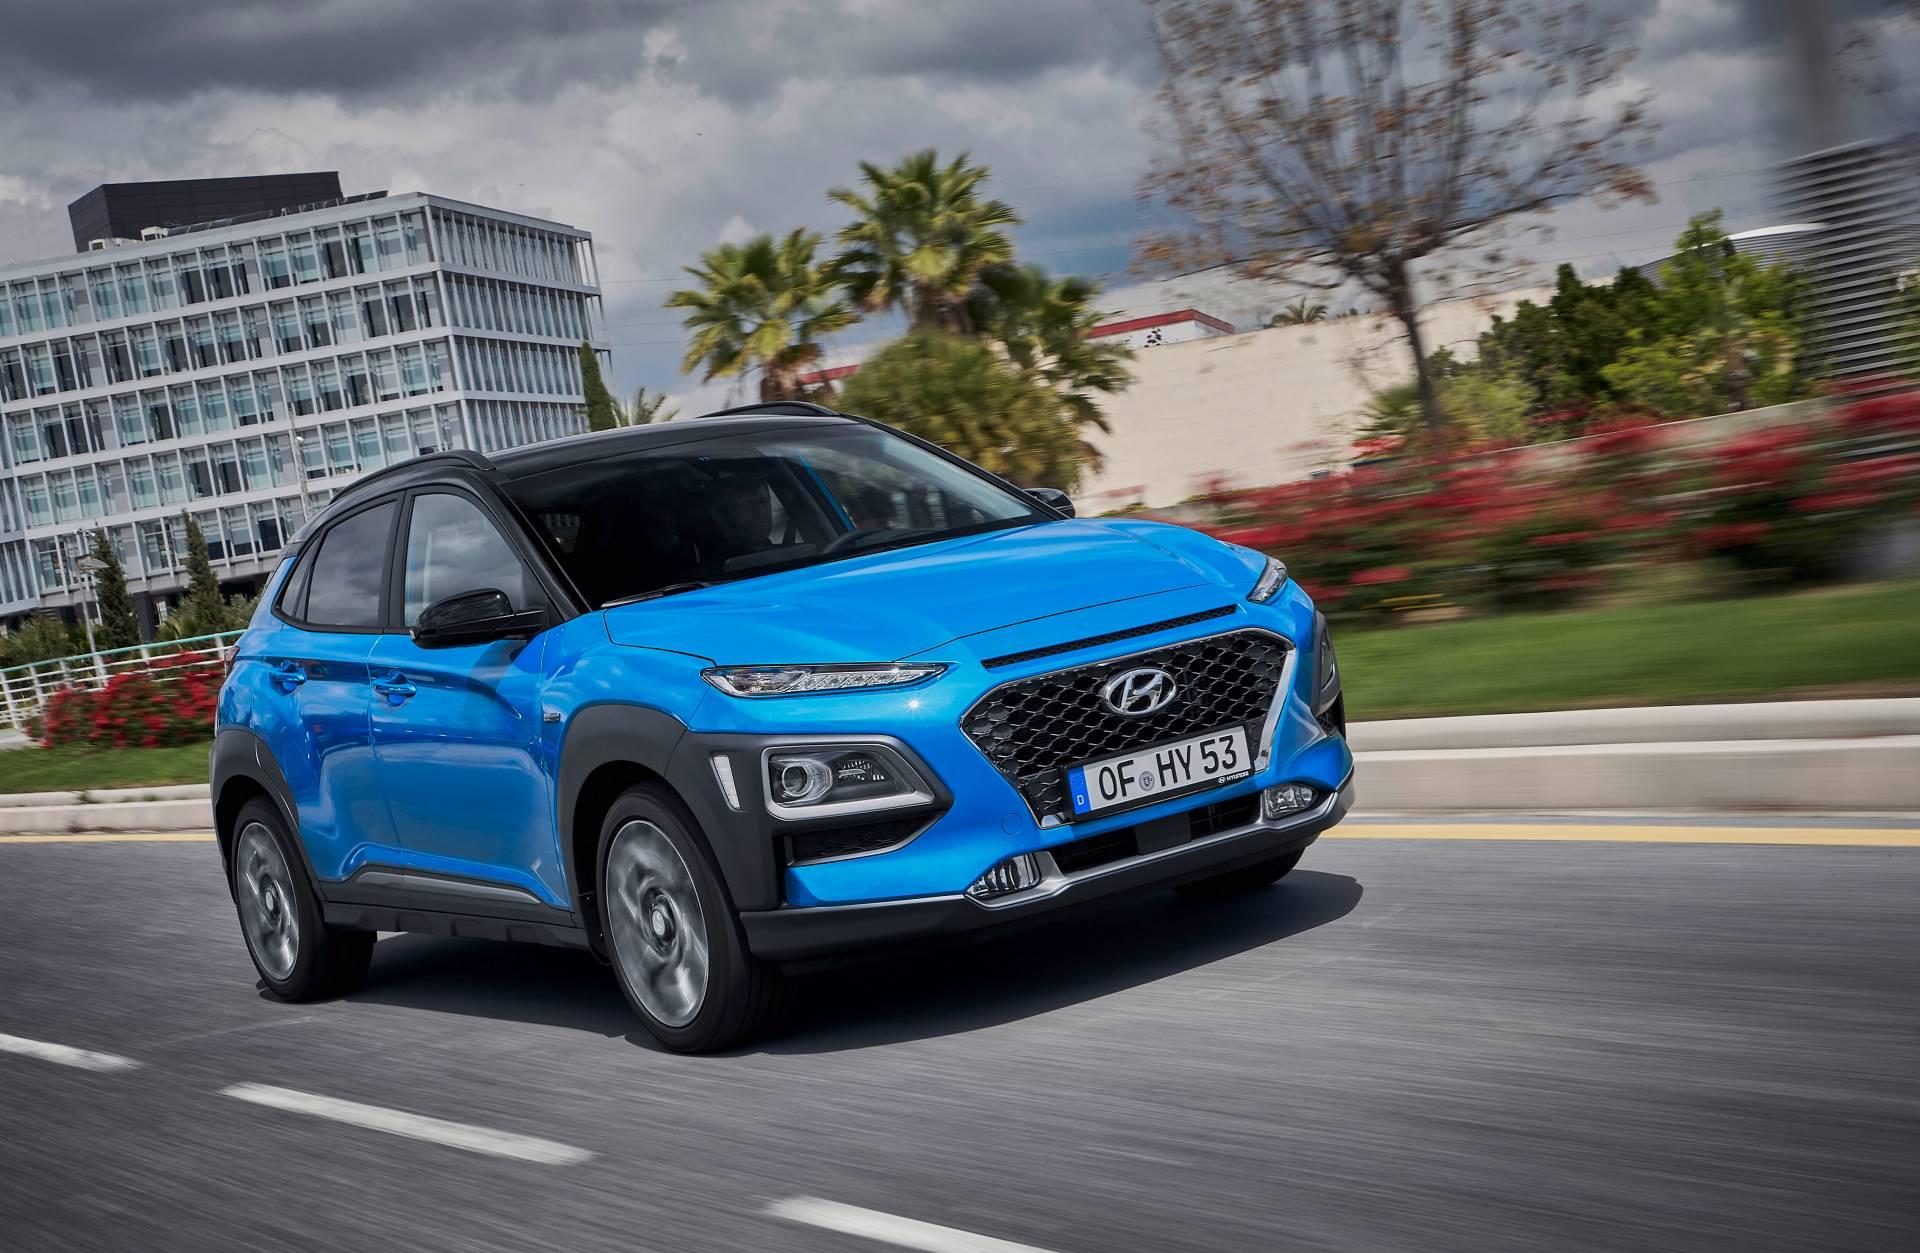 Hyundai lộ diện Kona phiên bản Hybrid tại thị trường Châu Âu - 03